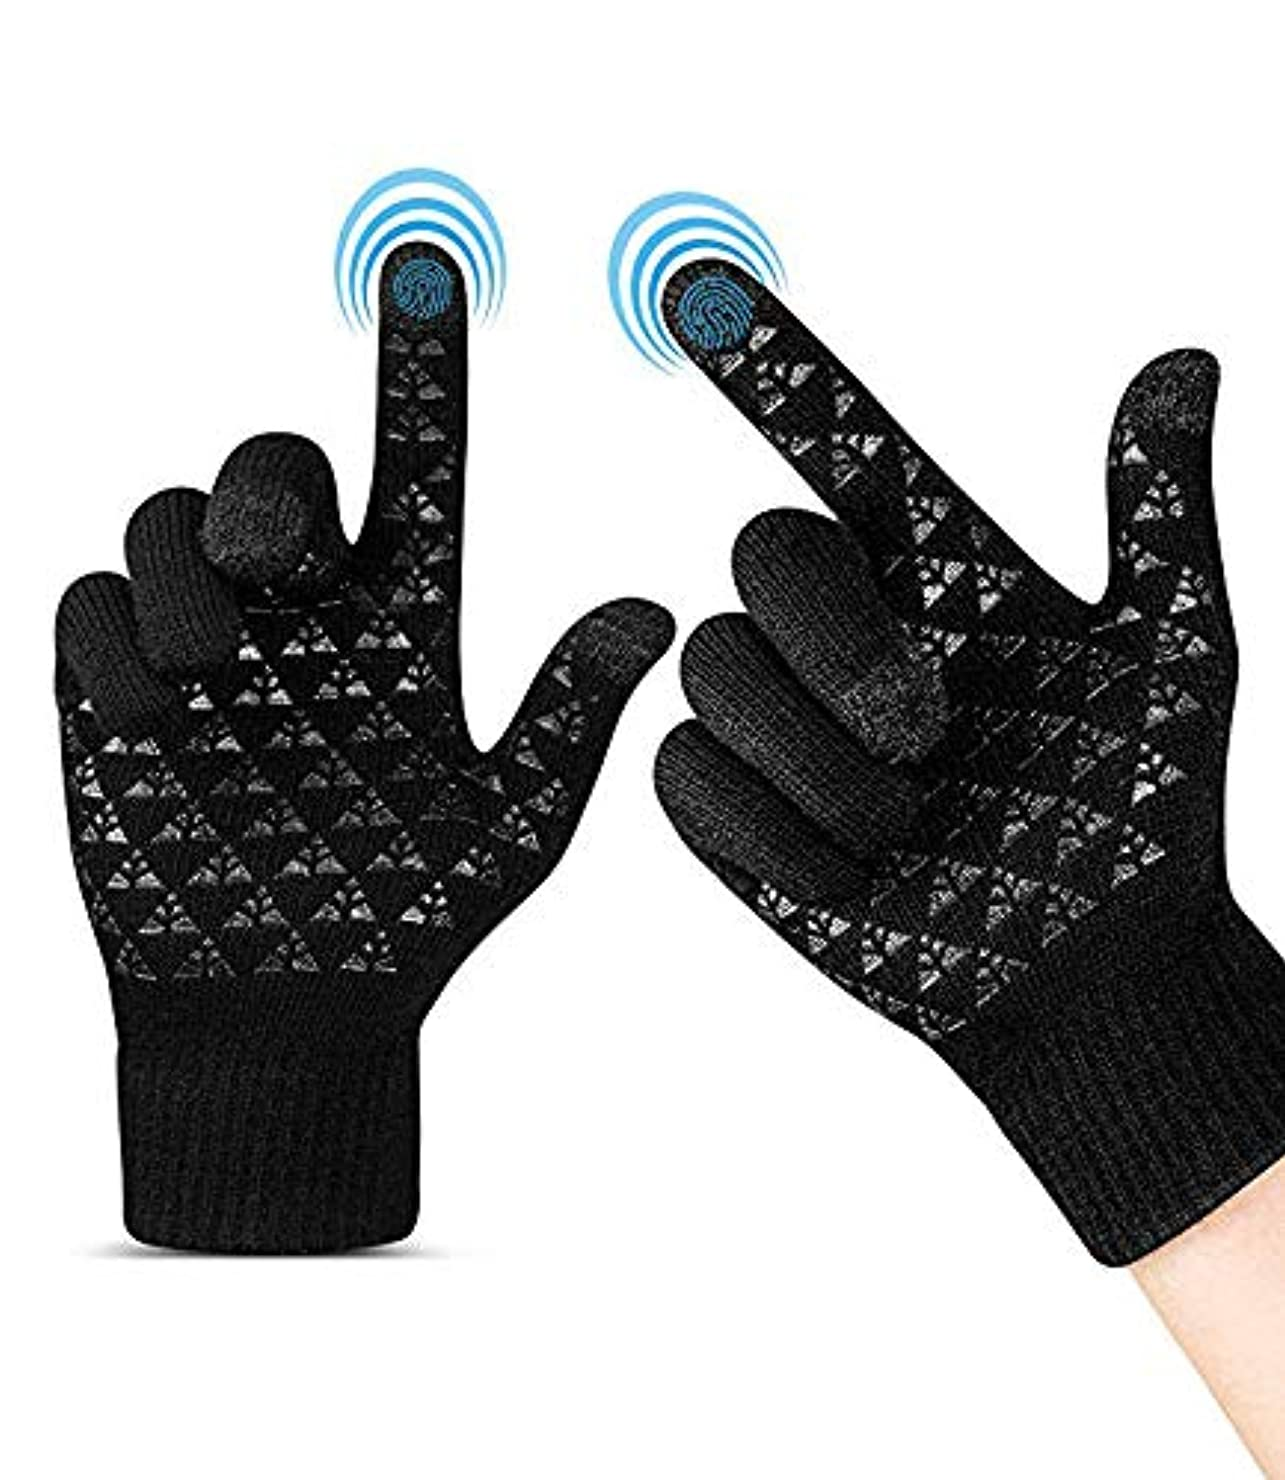 不規則な懸念周辺女性男性のための冬の暖かいタッチスクリーン手袋 - トライアングルアンチスリップシリコーンゲル、ニットサーマルソフトライニング&伸縮性カフ